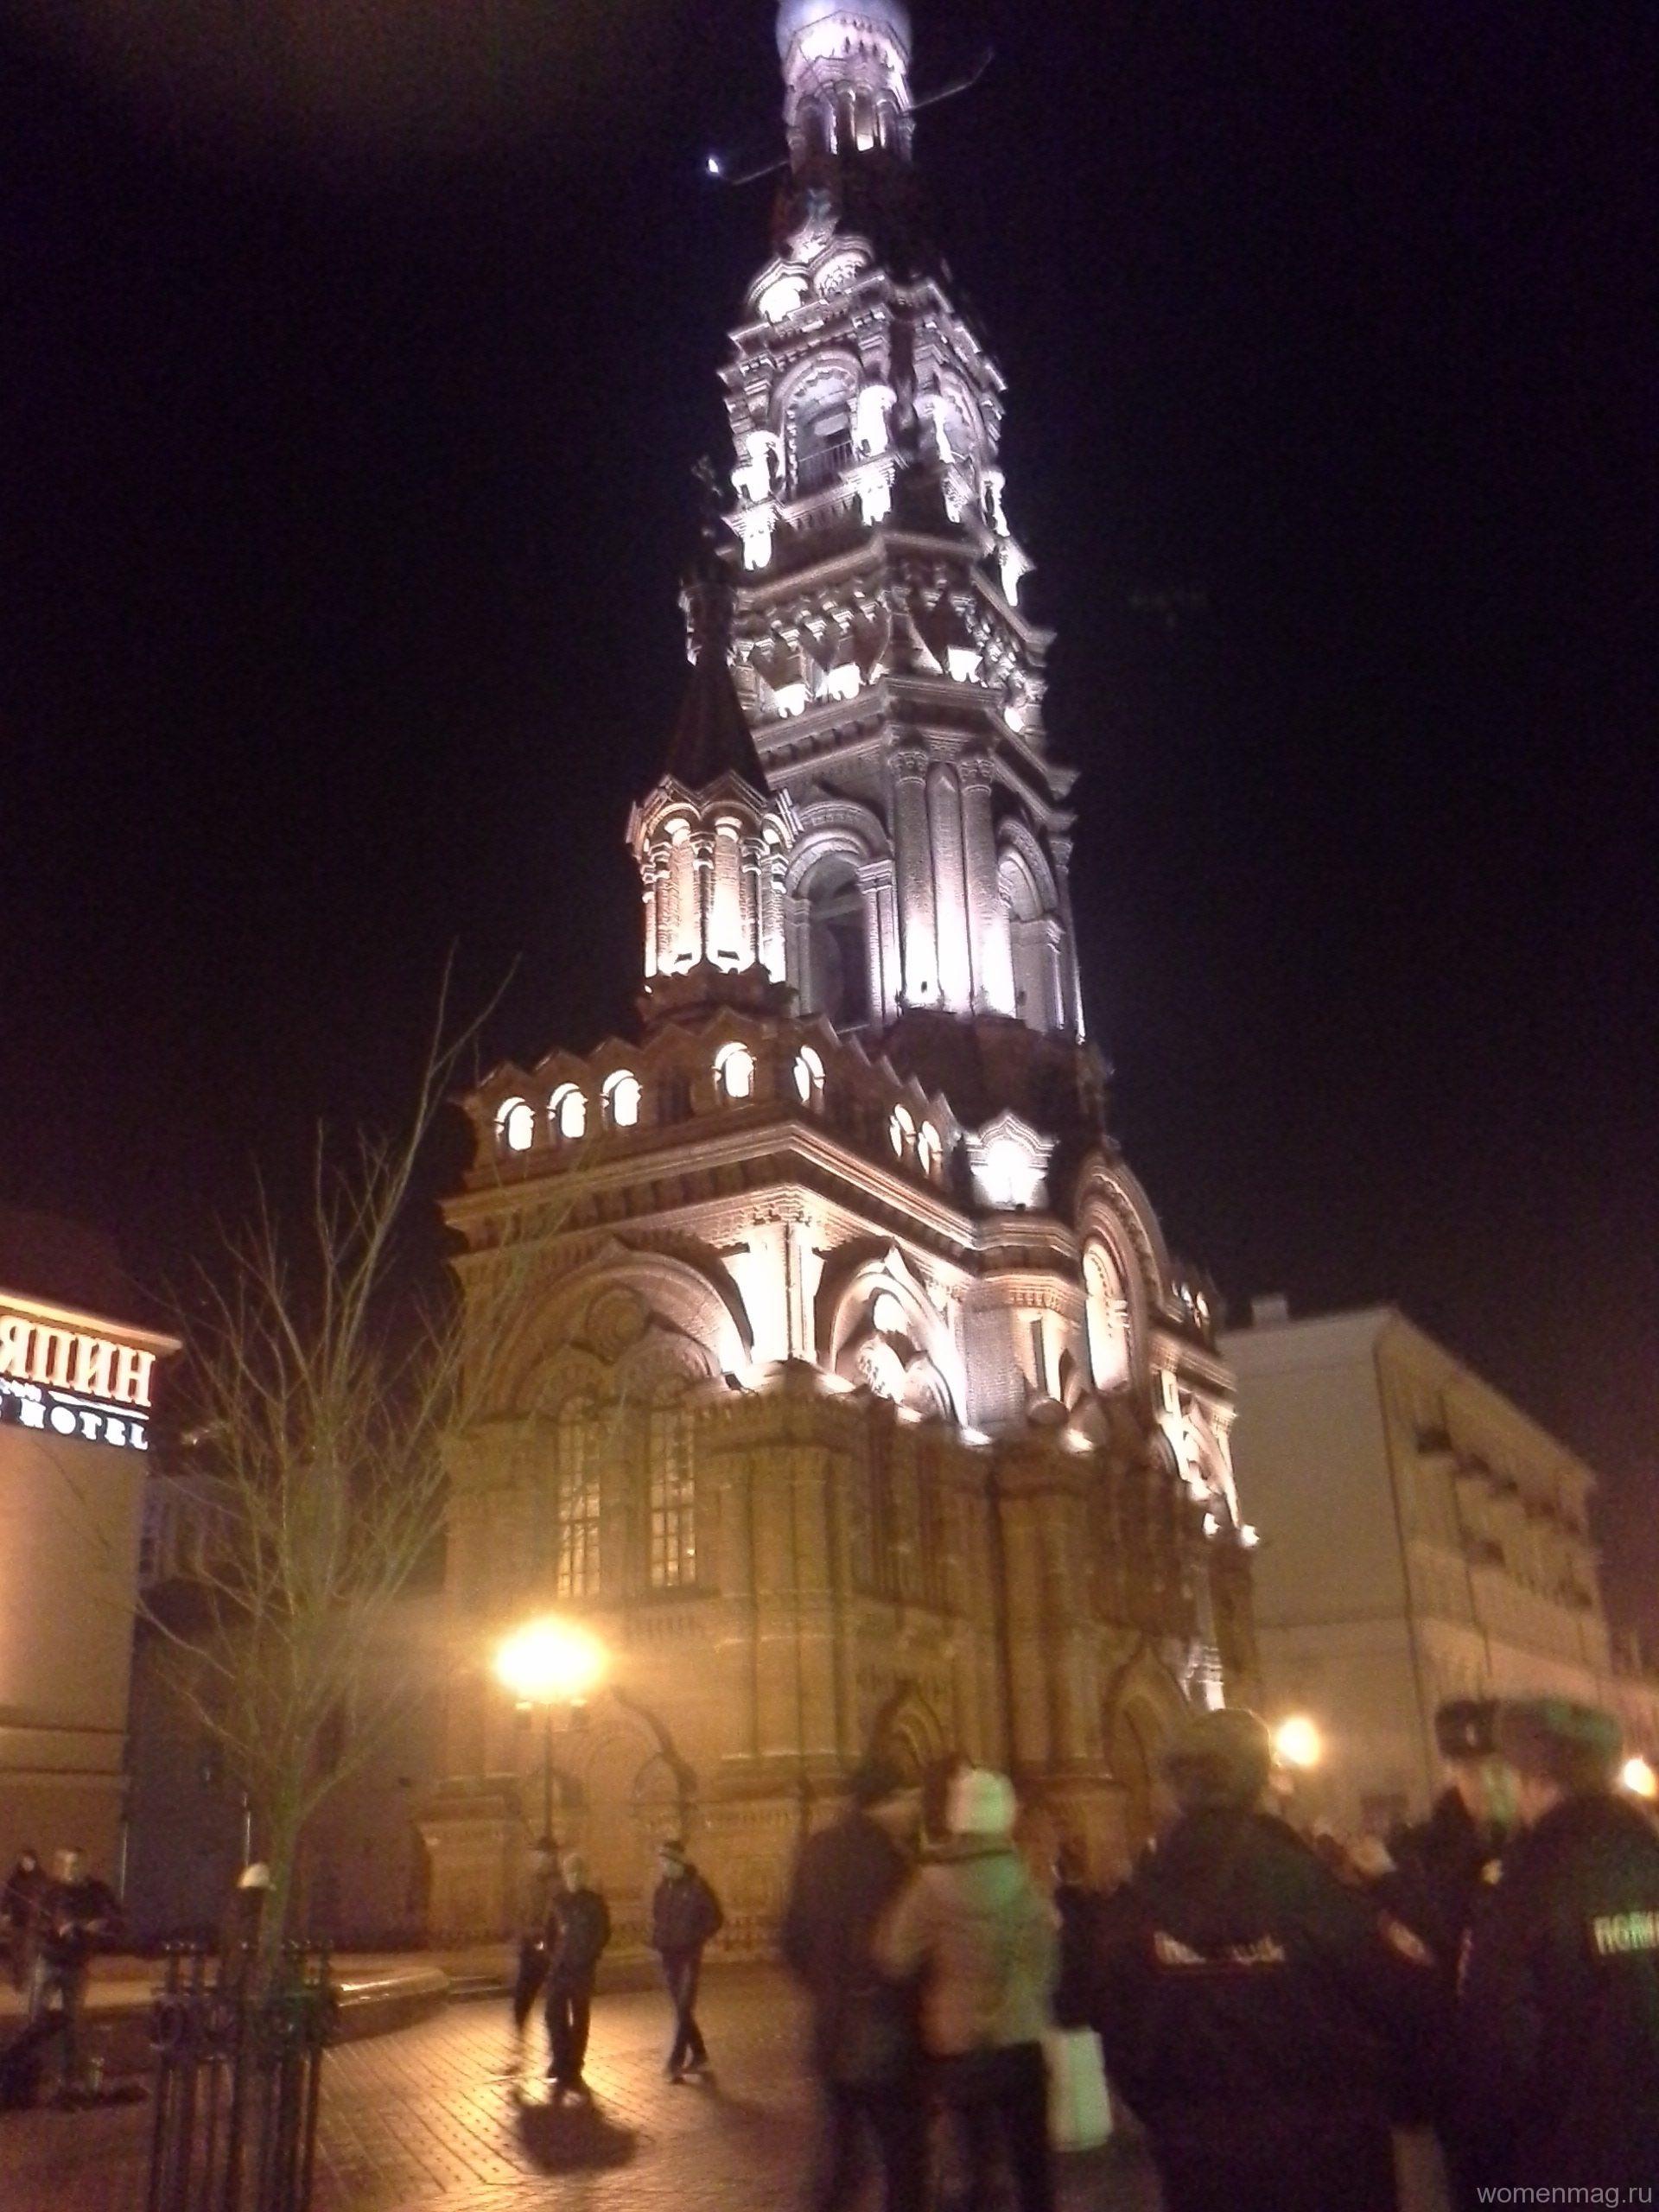 Богоявленская колокольня на Баумана в Казани. Поздний вечер